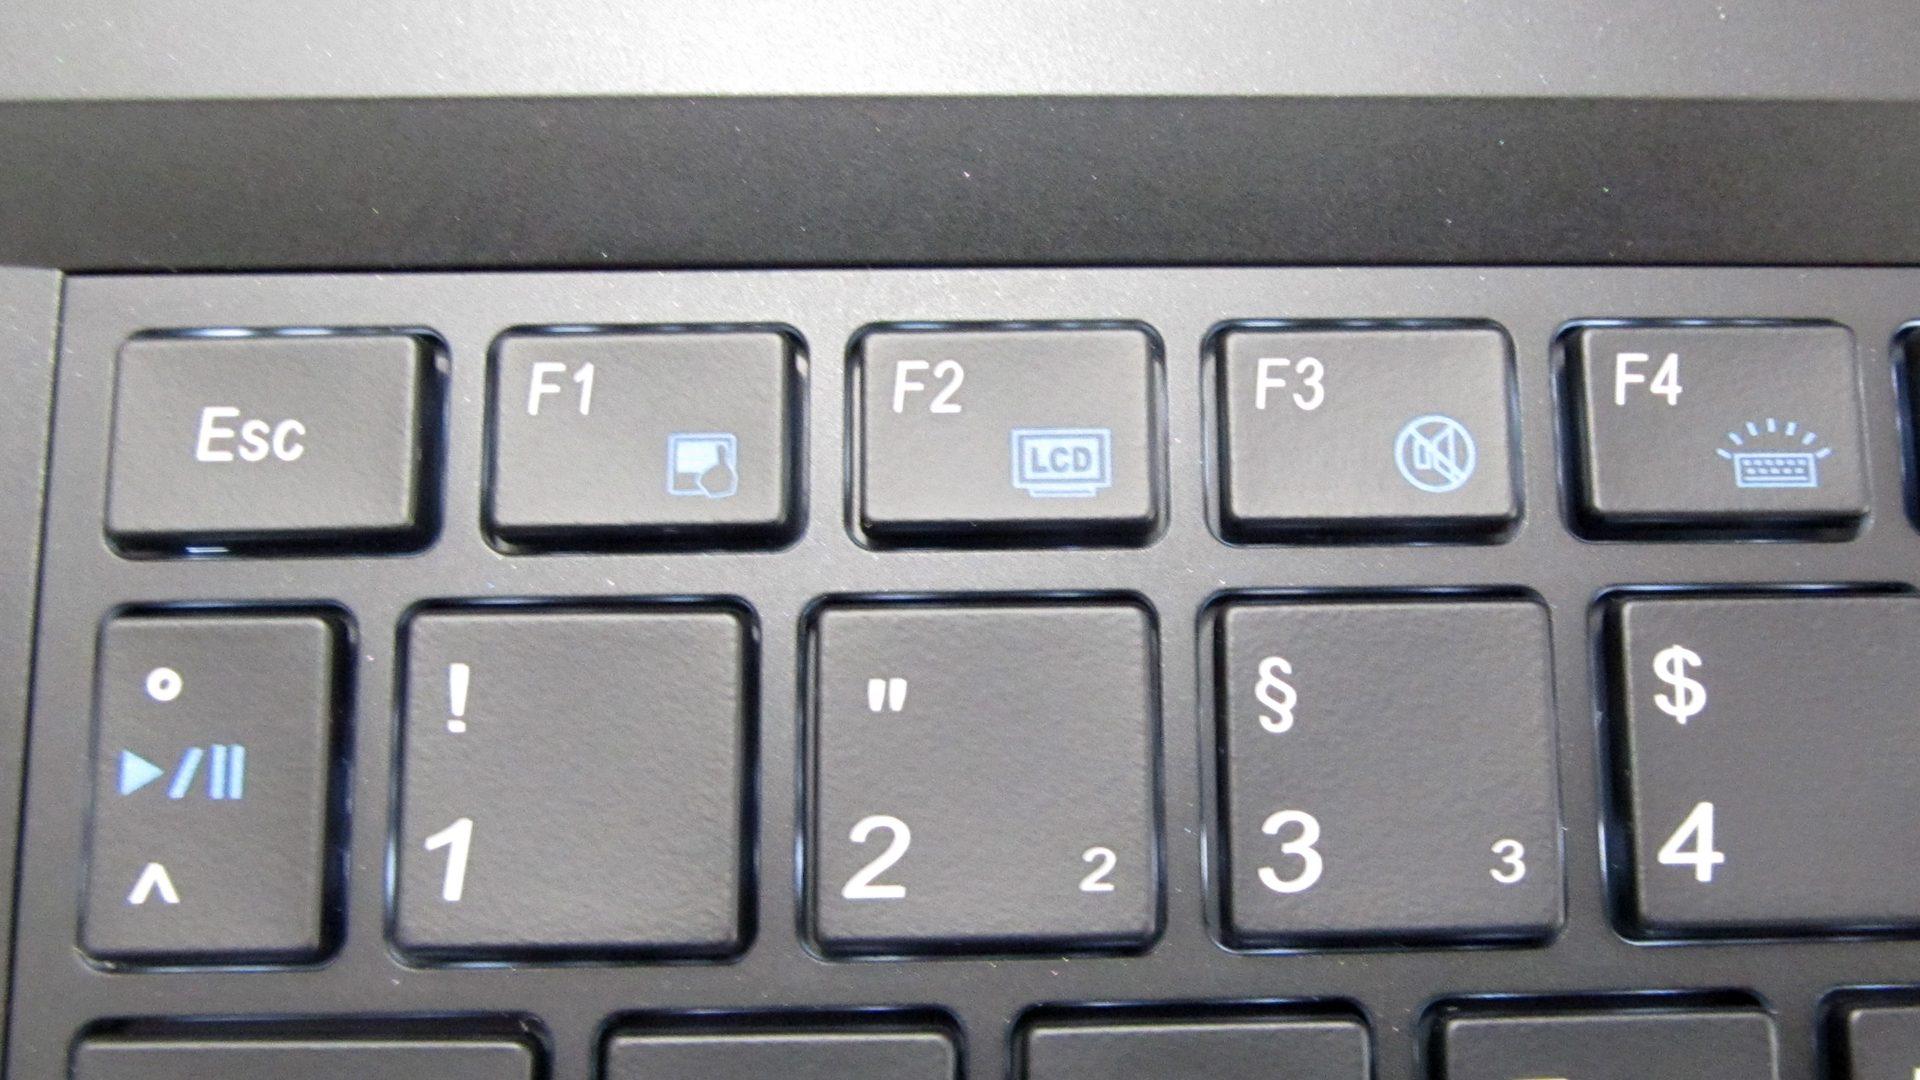 schenkerxmg_p507_tastatur_6